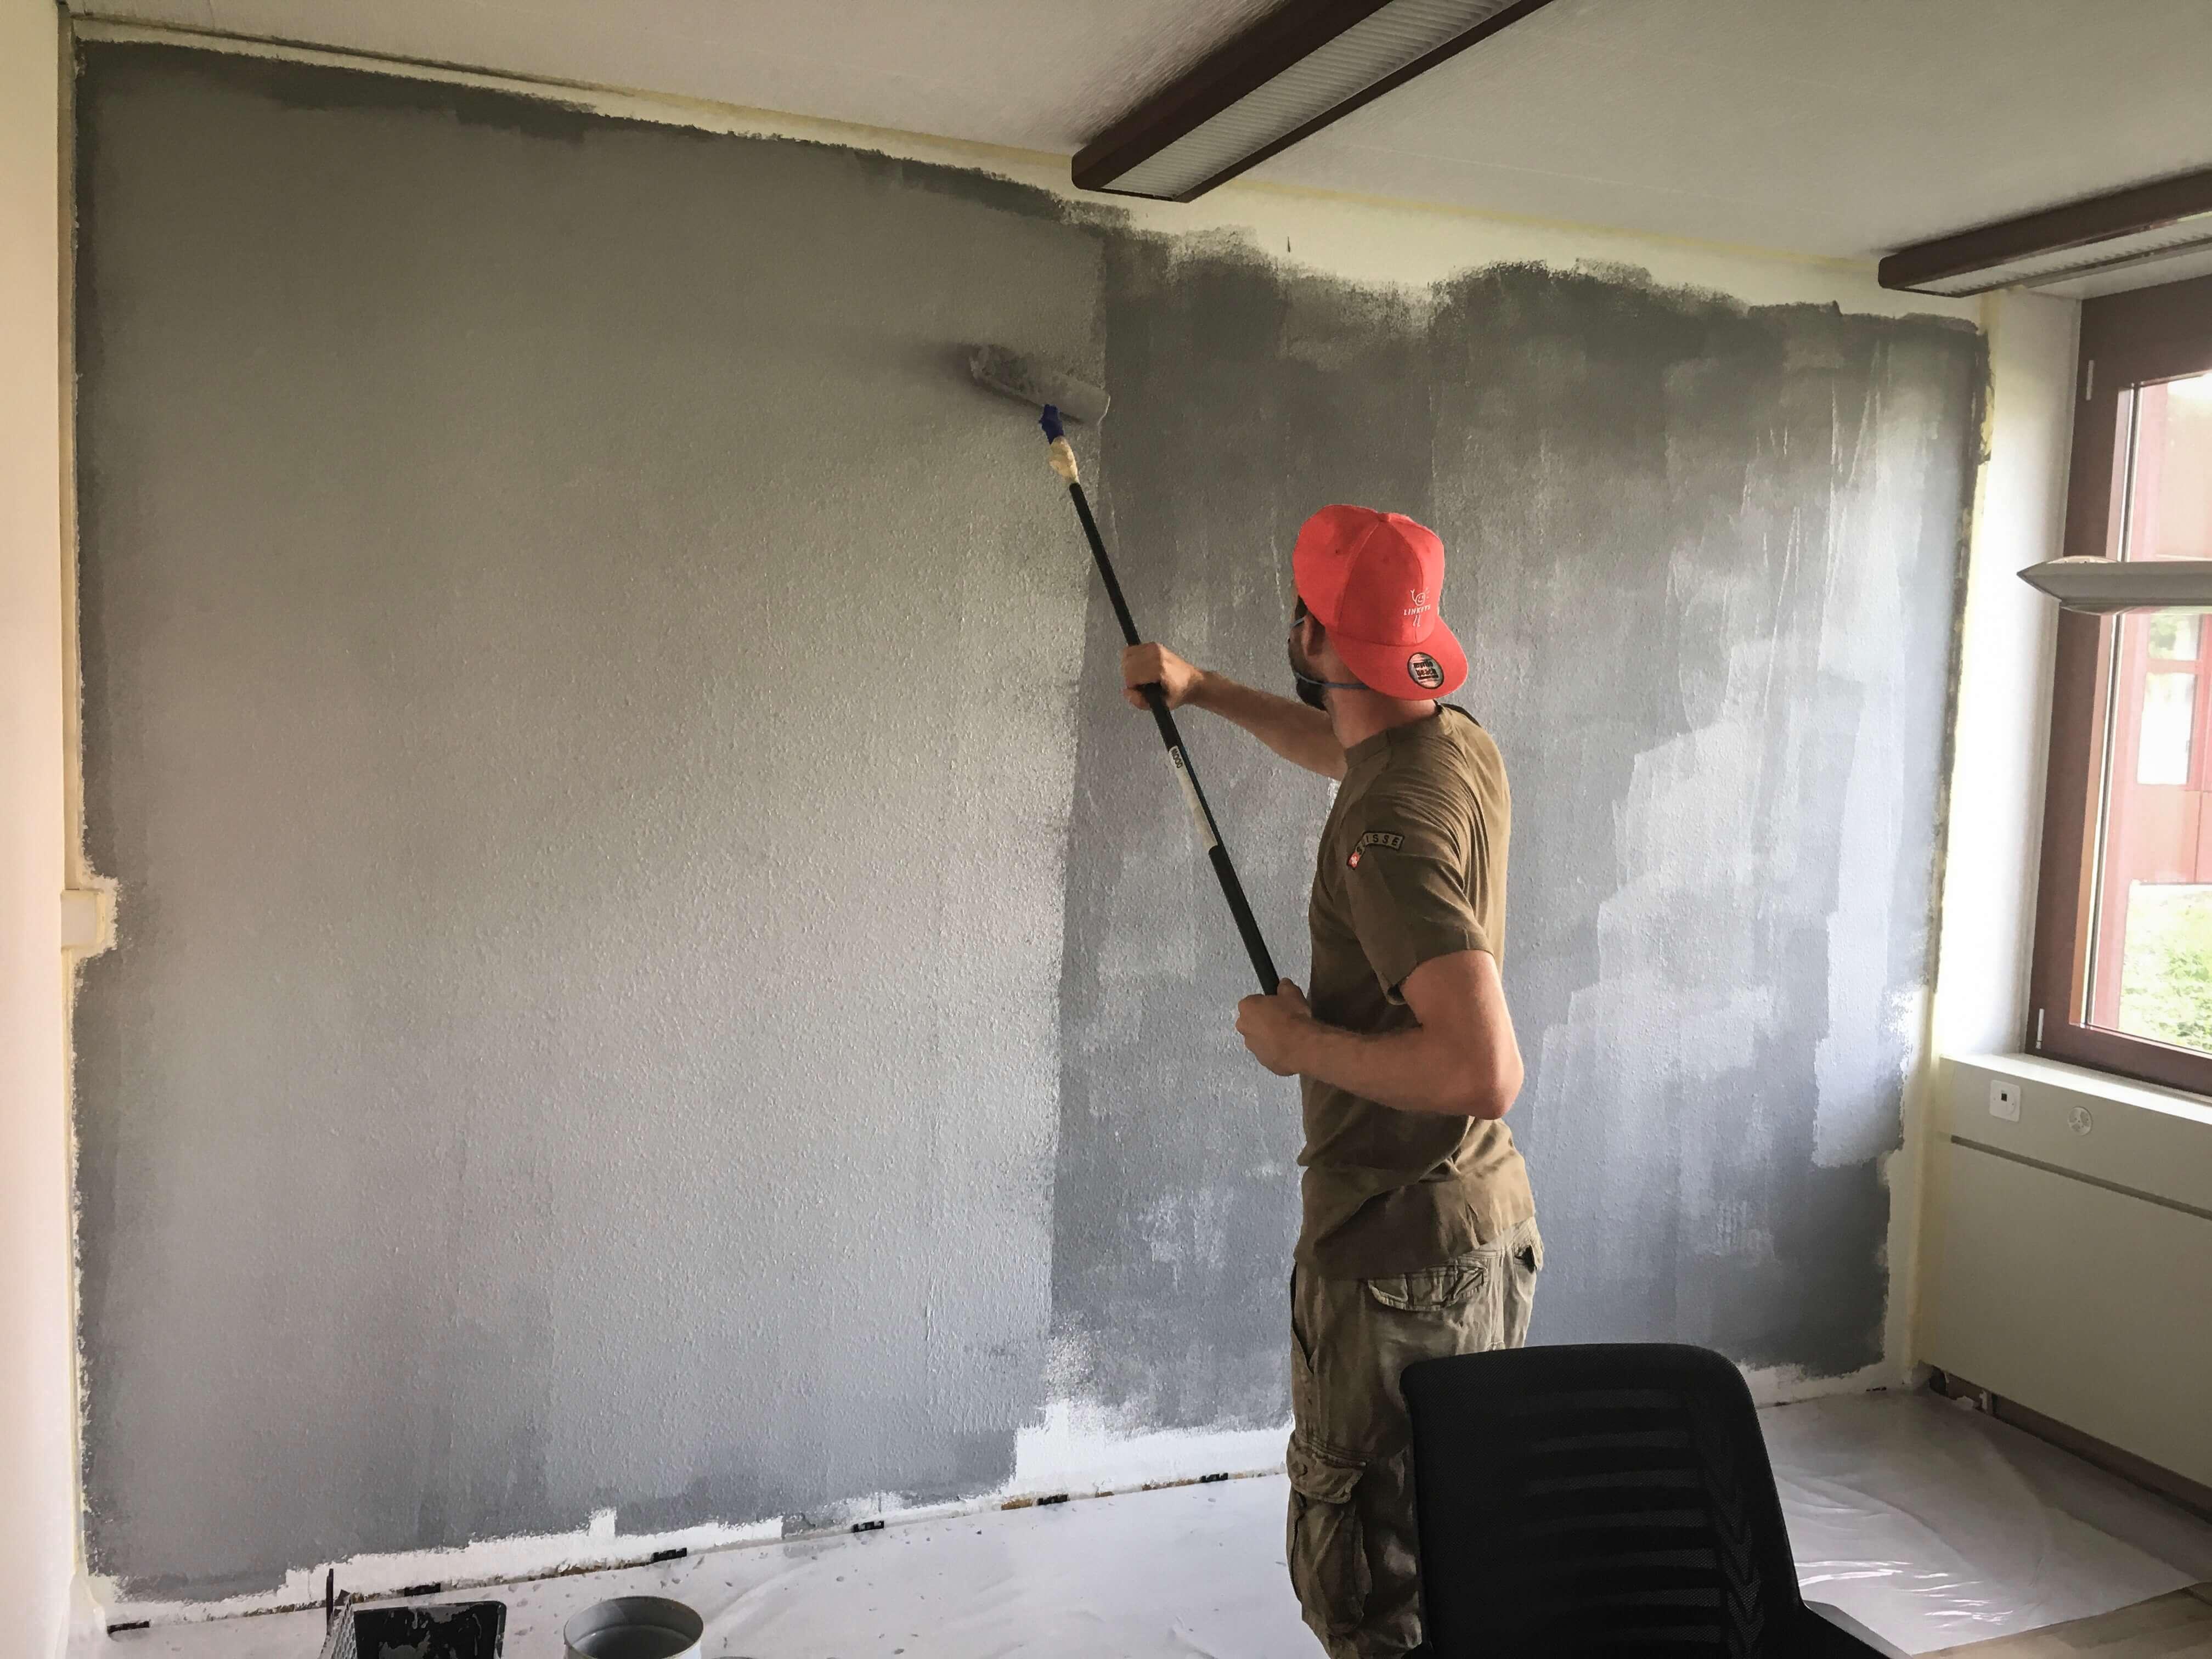 Comment Bien Peindre Un Mur En Blanc on adore notre mur magnétique ! | linkeys